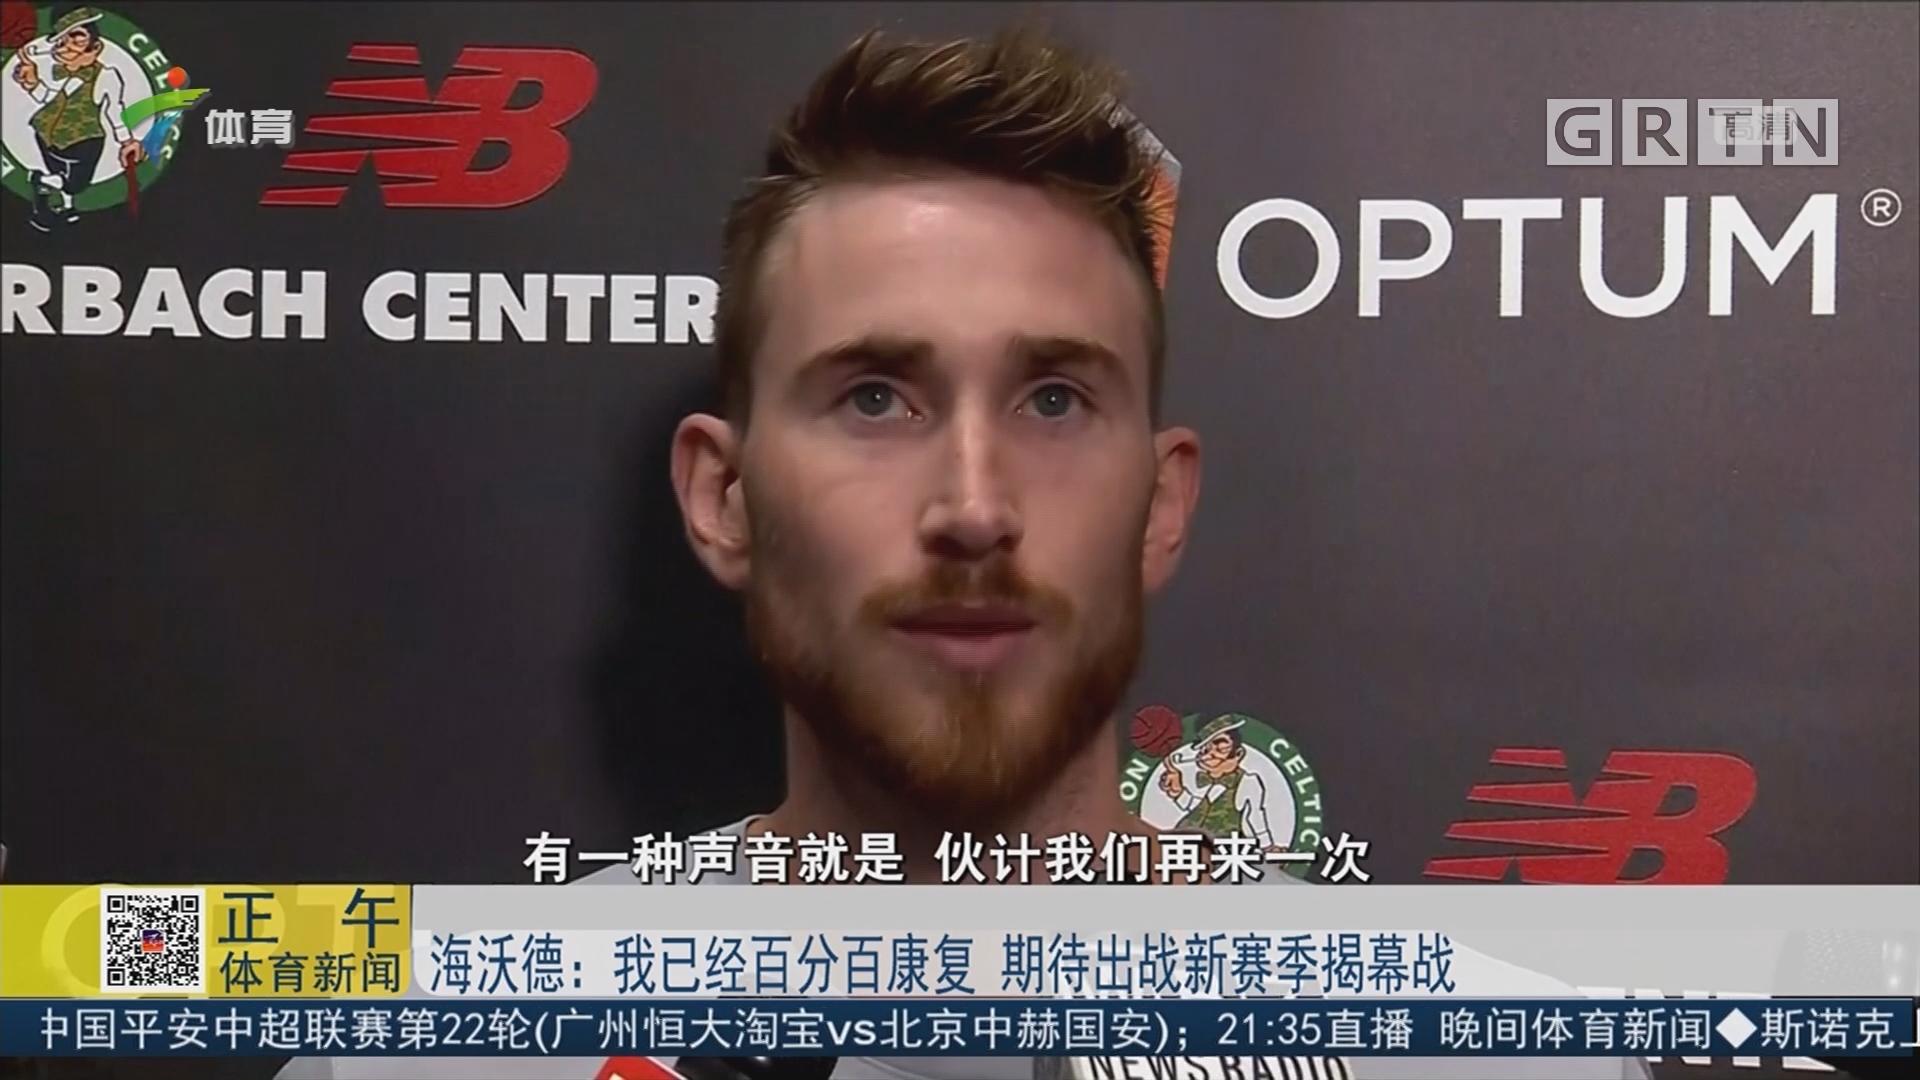 海沃德:我已经百分百康复 期待出战新赛季揭幕战